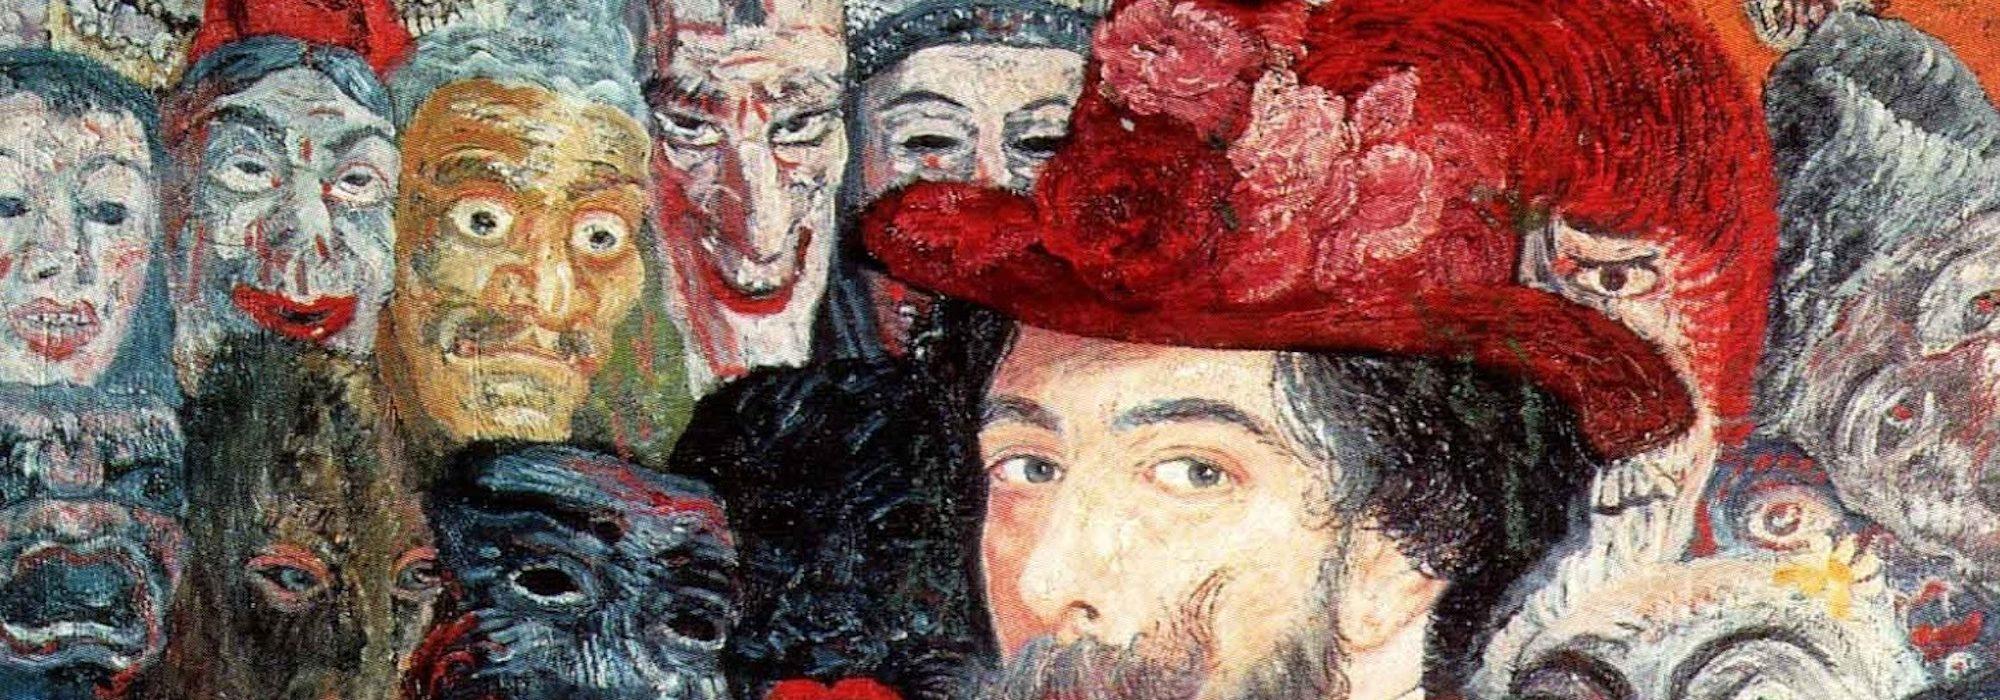 Autorretrato com Máscaras - James Ensor